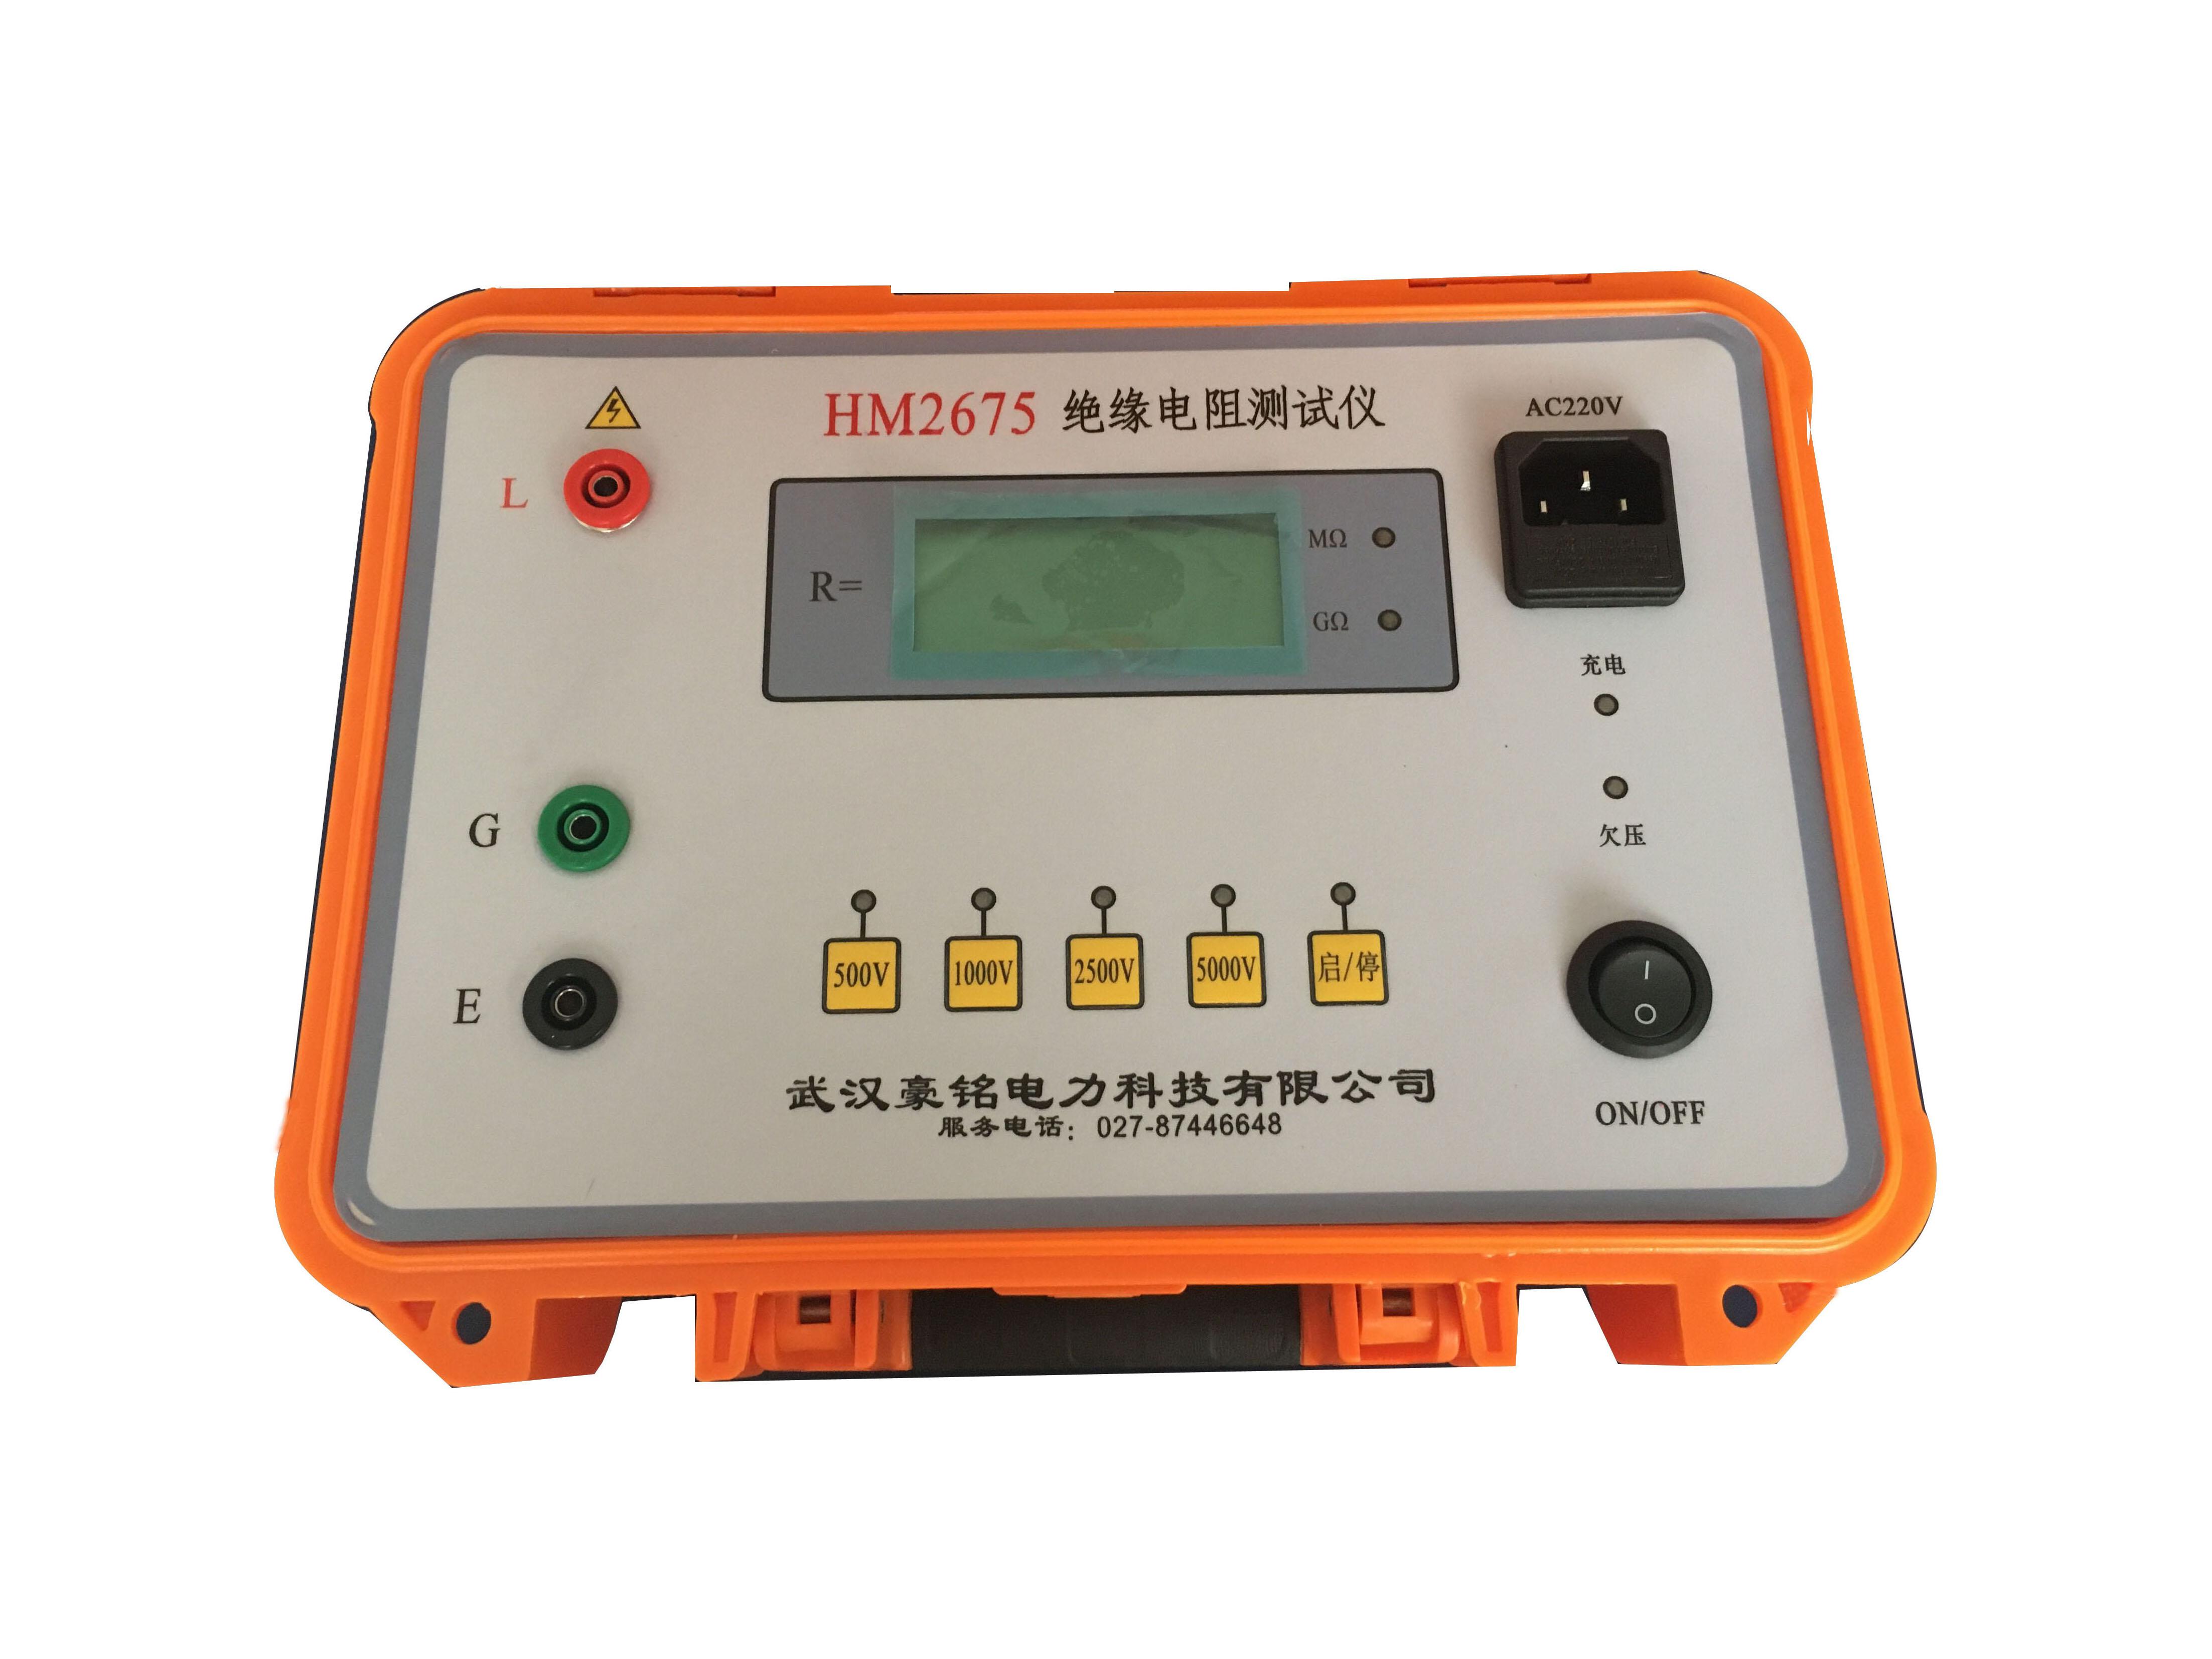 HM2675絕緣電阻測試儀